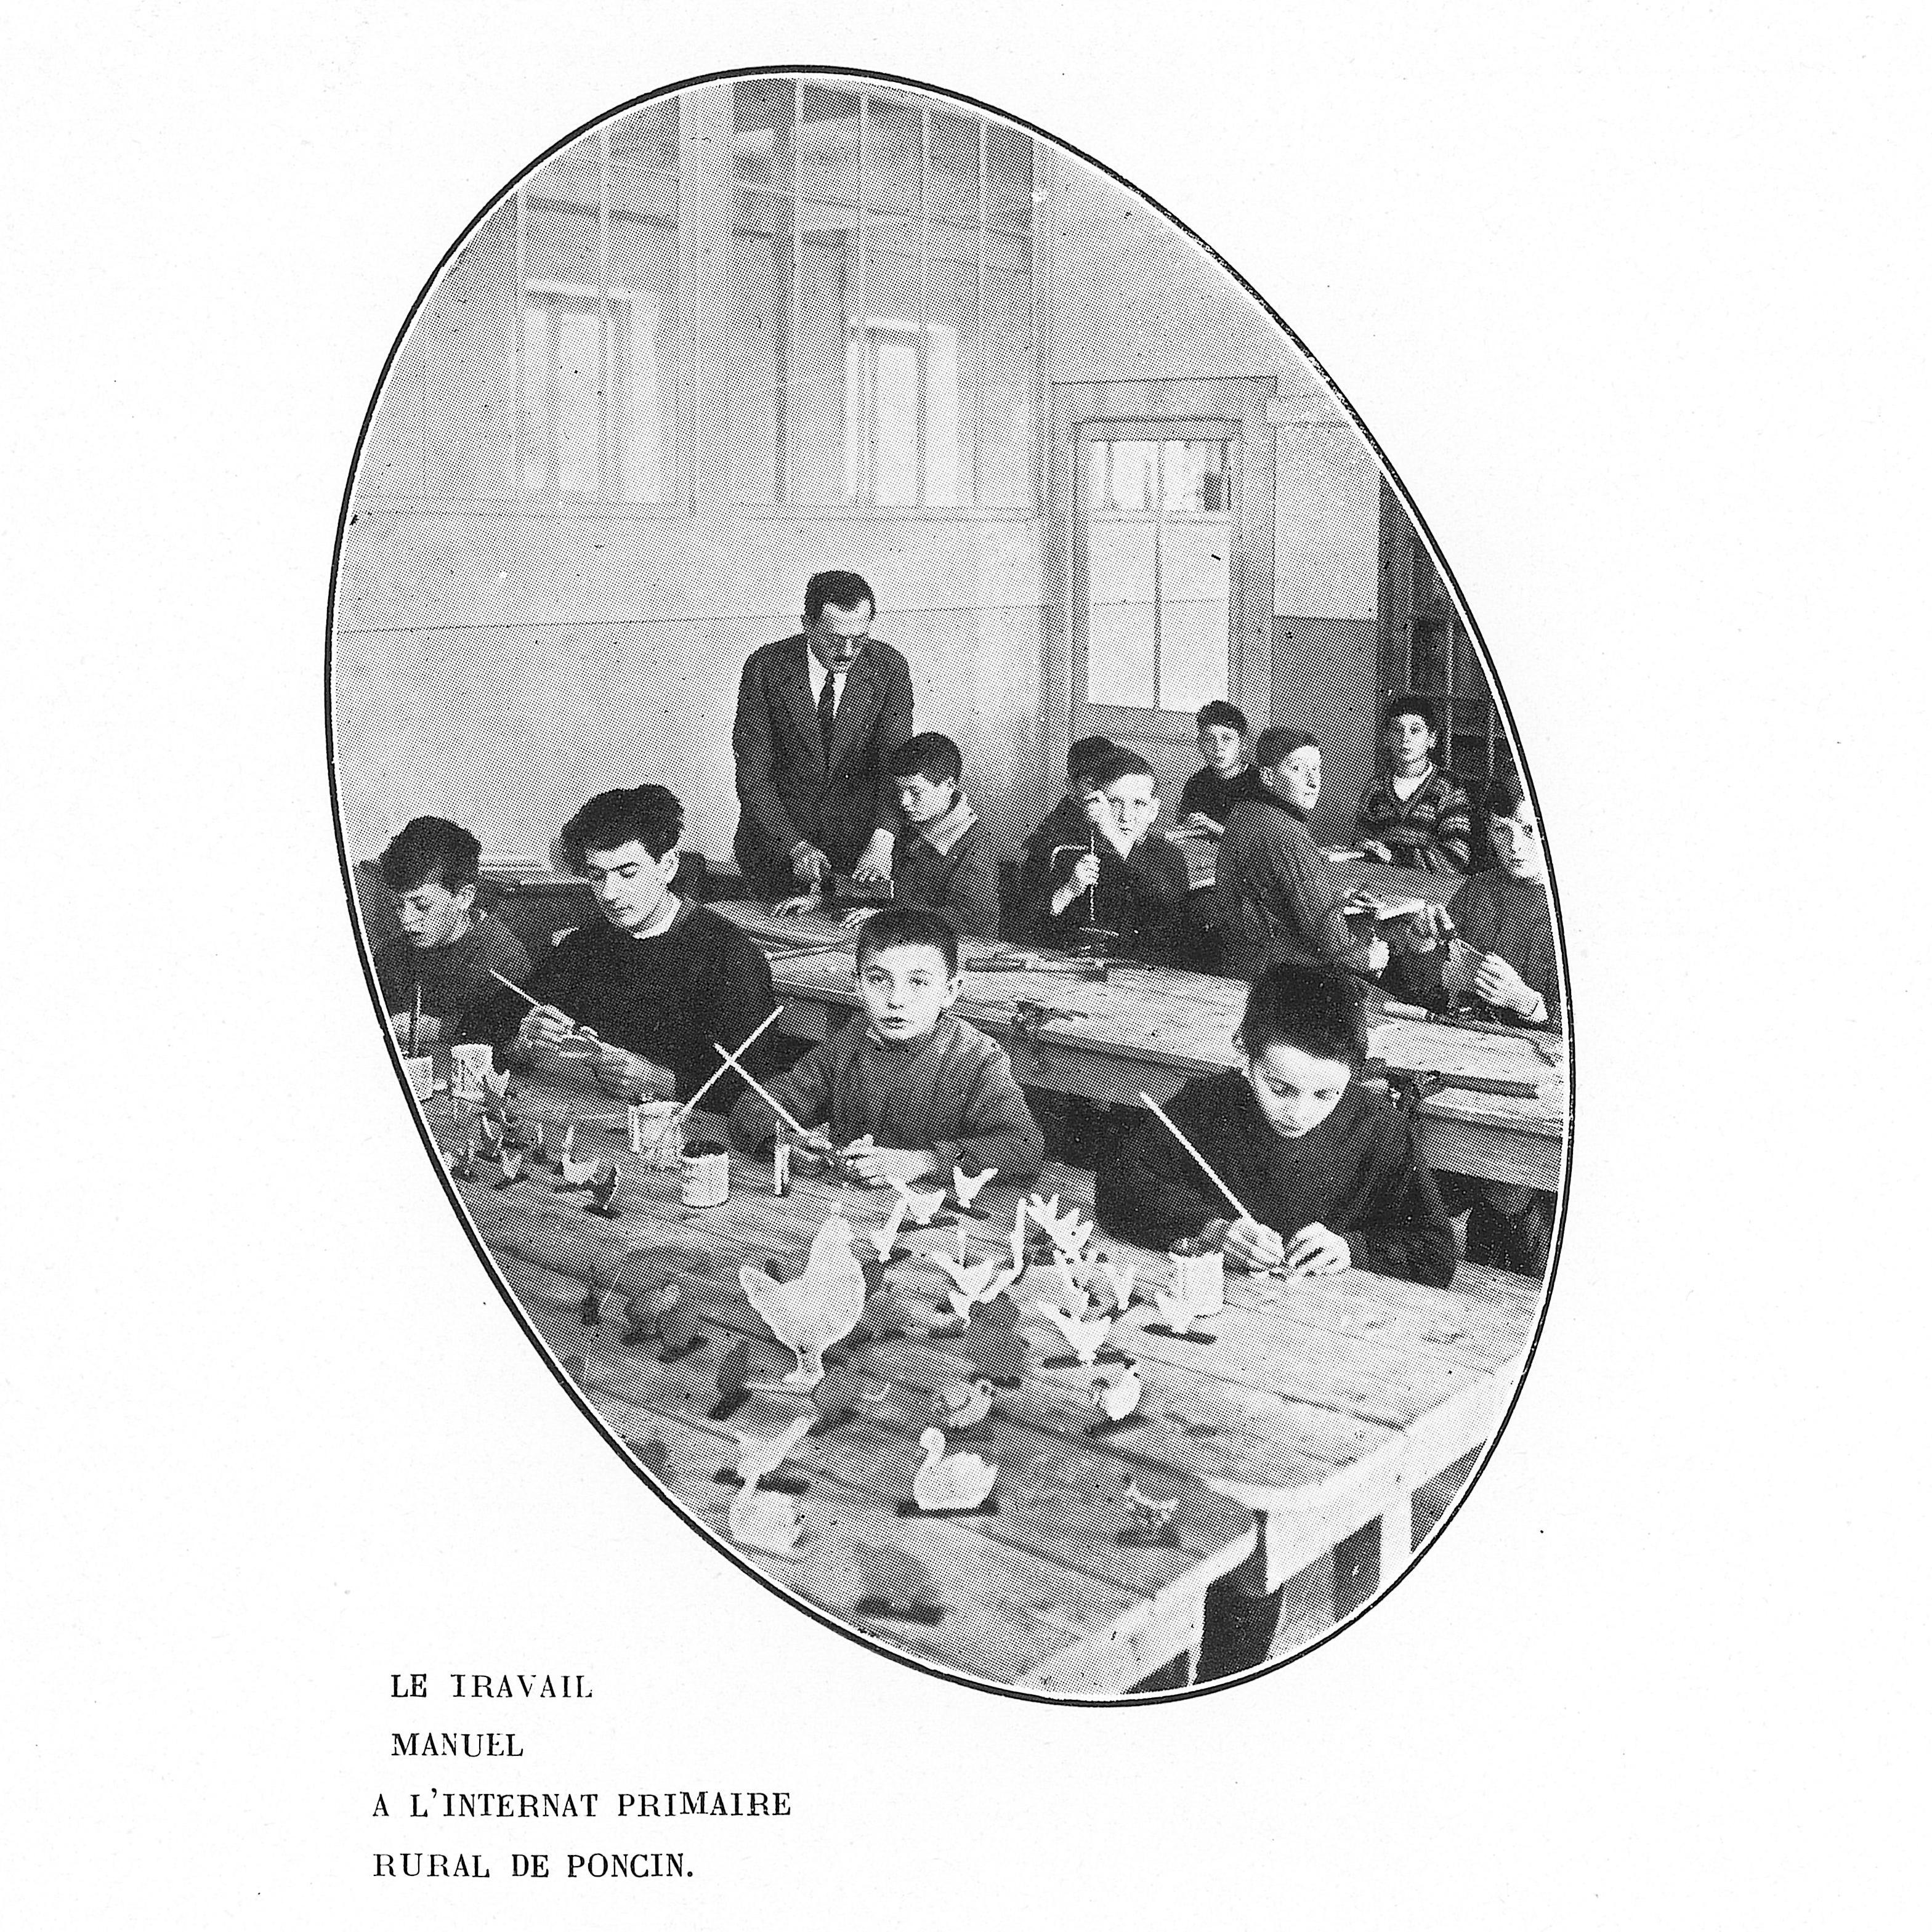 Le travail manuel à l'internat primaire rual de Poncin. Extrait de l'ouvrage Villeurbanne, 1924-1934, ou dix ans d'administrations. Archives municipales de Villeurbanne / Le Rize, 2 C 18.